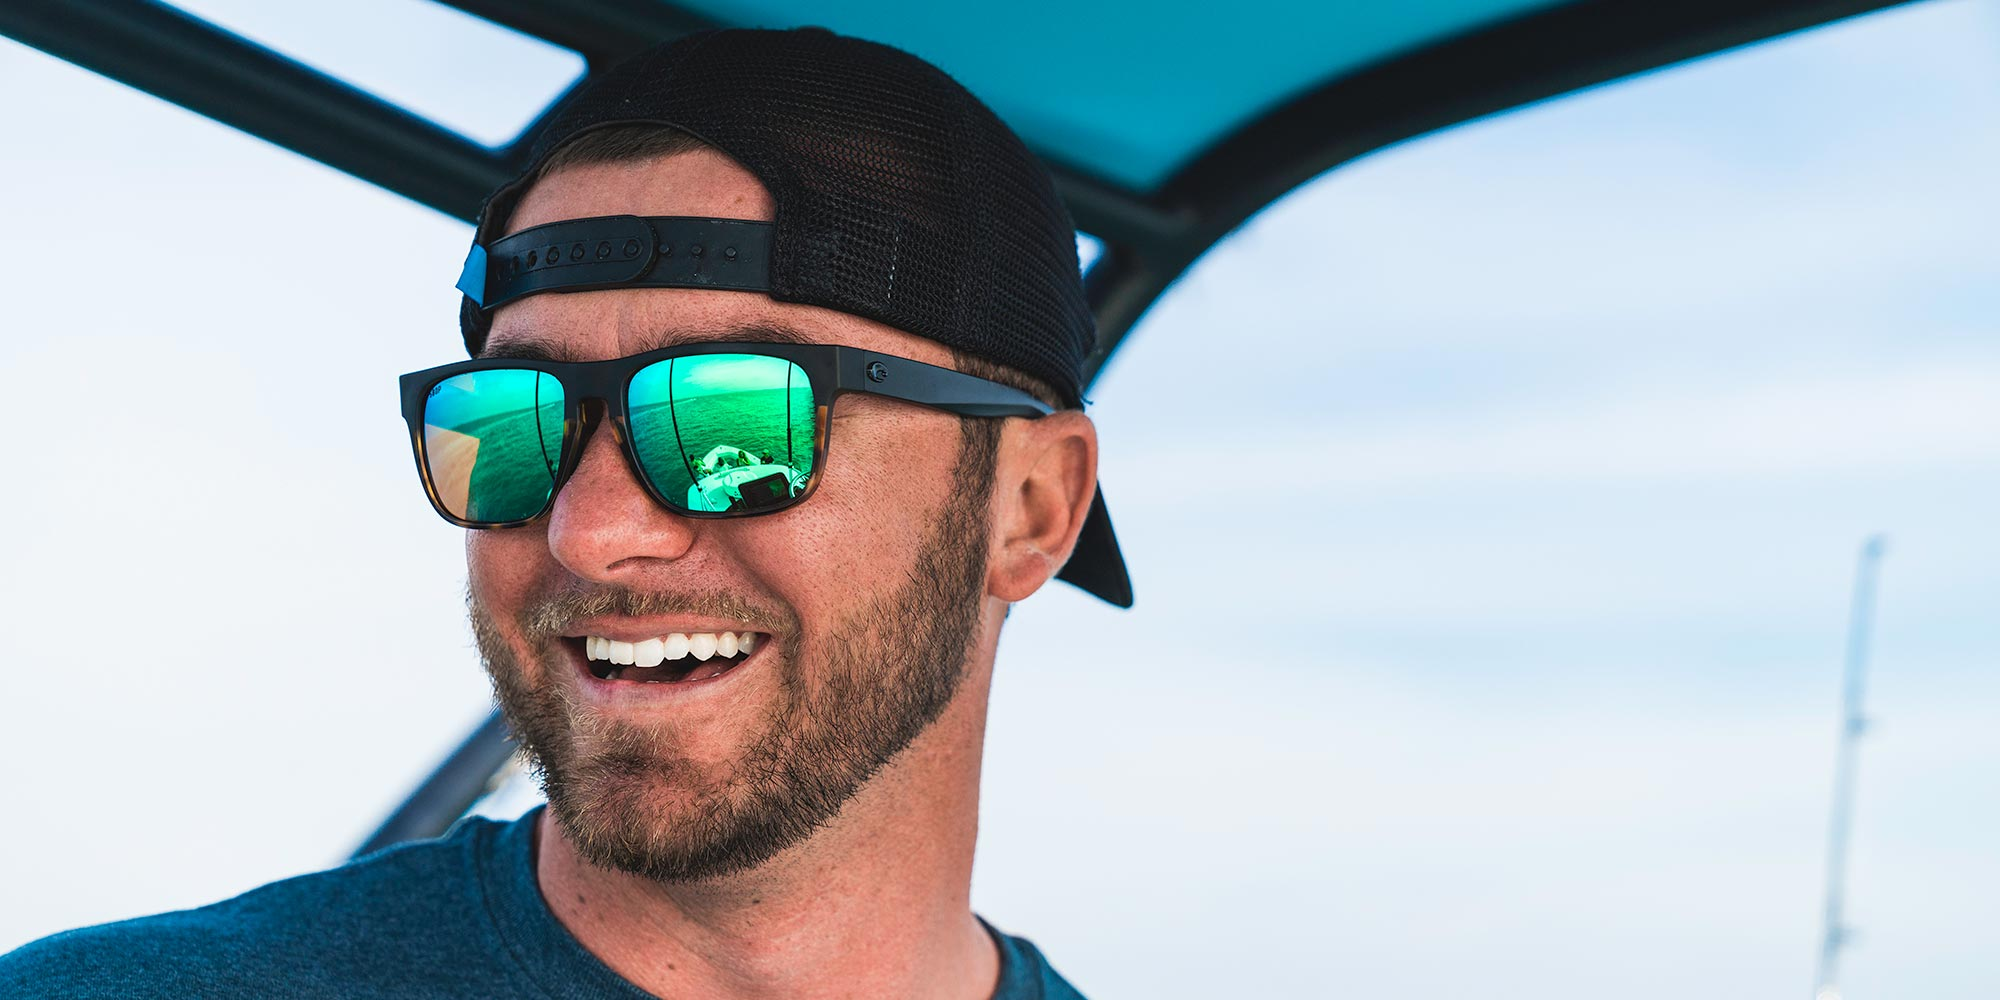 Costa Spearo Sunglasses Review | Costa Sunglasses | SportRx